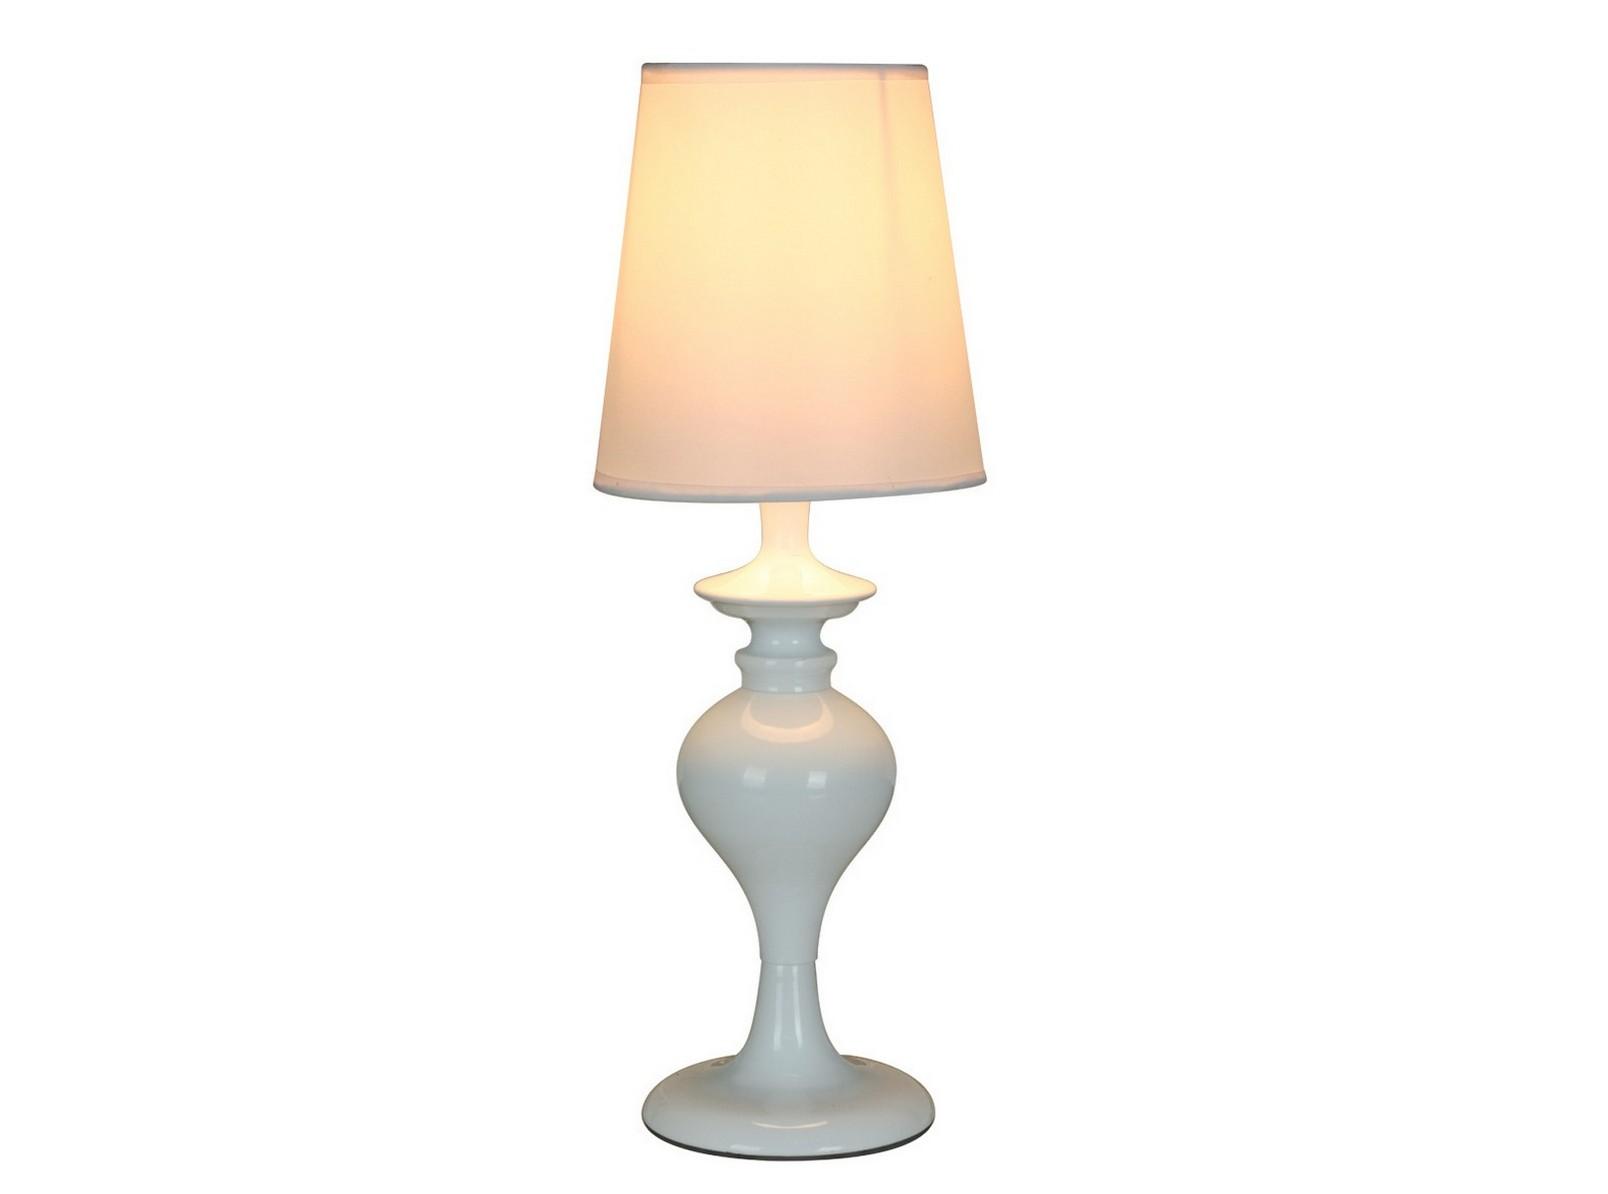 Декоративная лампа GattisДекоративные лампы<br>Изумительно красивая настольная лампа Gattis никогда не потеряет своей актуальности, ведь она являет собой традиционную классику. Сделанная в светлых тонах лампа, будет гармонировать с обстановкой, как в классике, так и в различных стилях современного оформления.&amp;lt;div&amp;gt;&amp;lt;br&amp;gt;&amp;lt;/div&amp;gt;&amp;lt;div&amp;gt;Вид цоколя: E14. Количество ламп: 1.&amp;amp;nbsp;&amp;lt;span style=&amp;quot;line-height: 24.9999px;&amp;quot;&amp;gt;Мощность: 25W. Лампа в комплекте не поставляется.&amp;lt;/span&amp;gt;&amp;lt;br&amp;gt;&amp;lt;/div&amp;gt;<br><br>Material: Металл<br>Height см: 39<br>Diameter см: 14